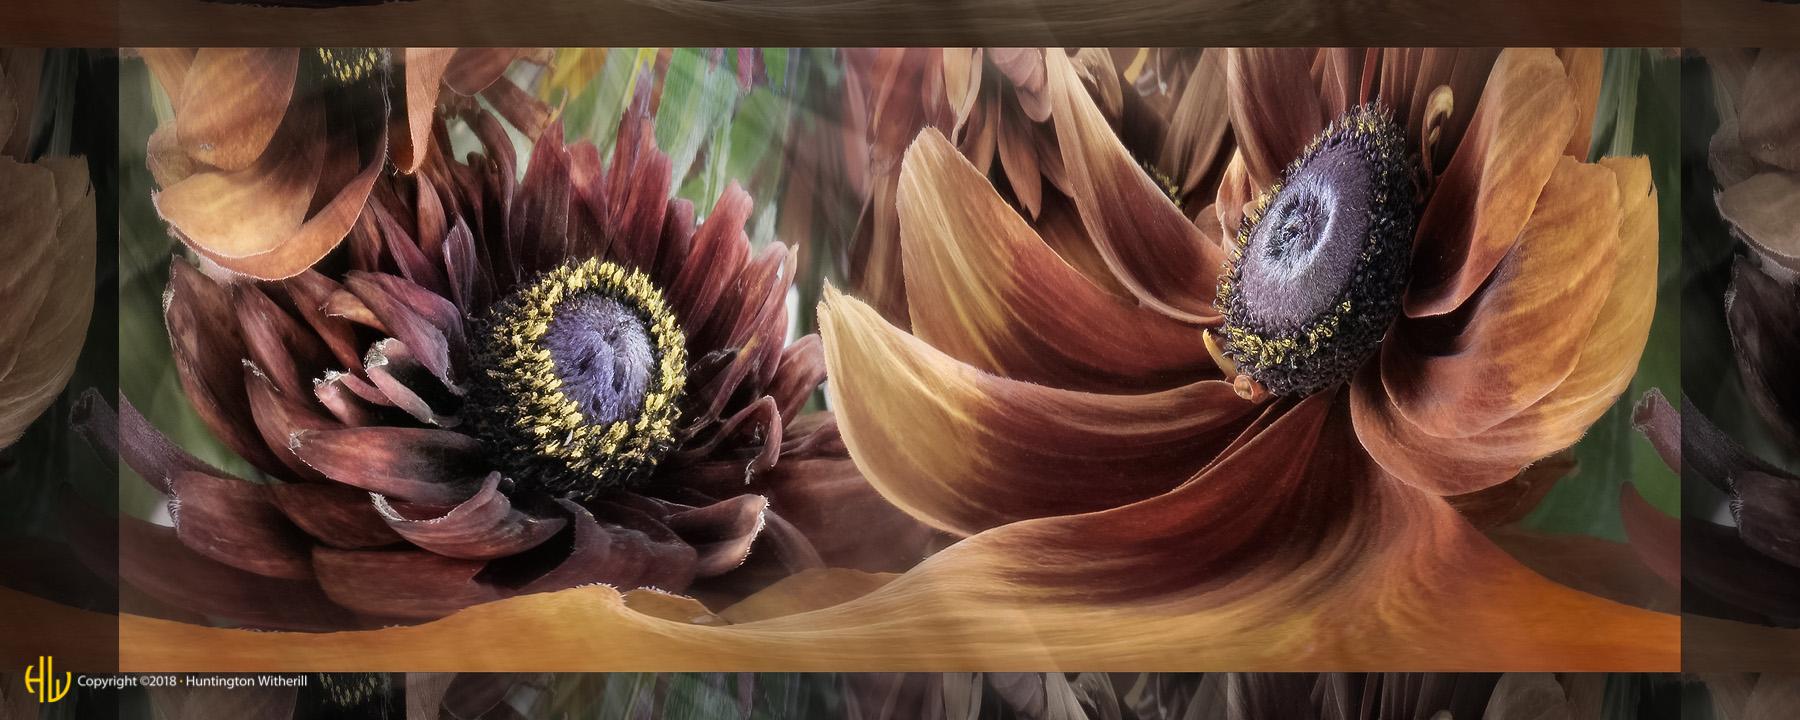 Sunflowers #8, 2003